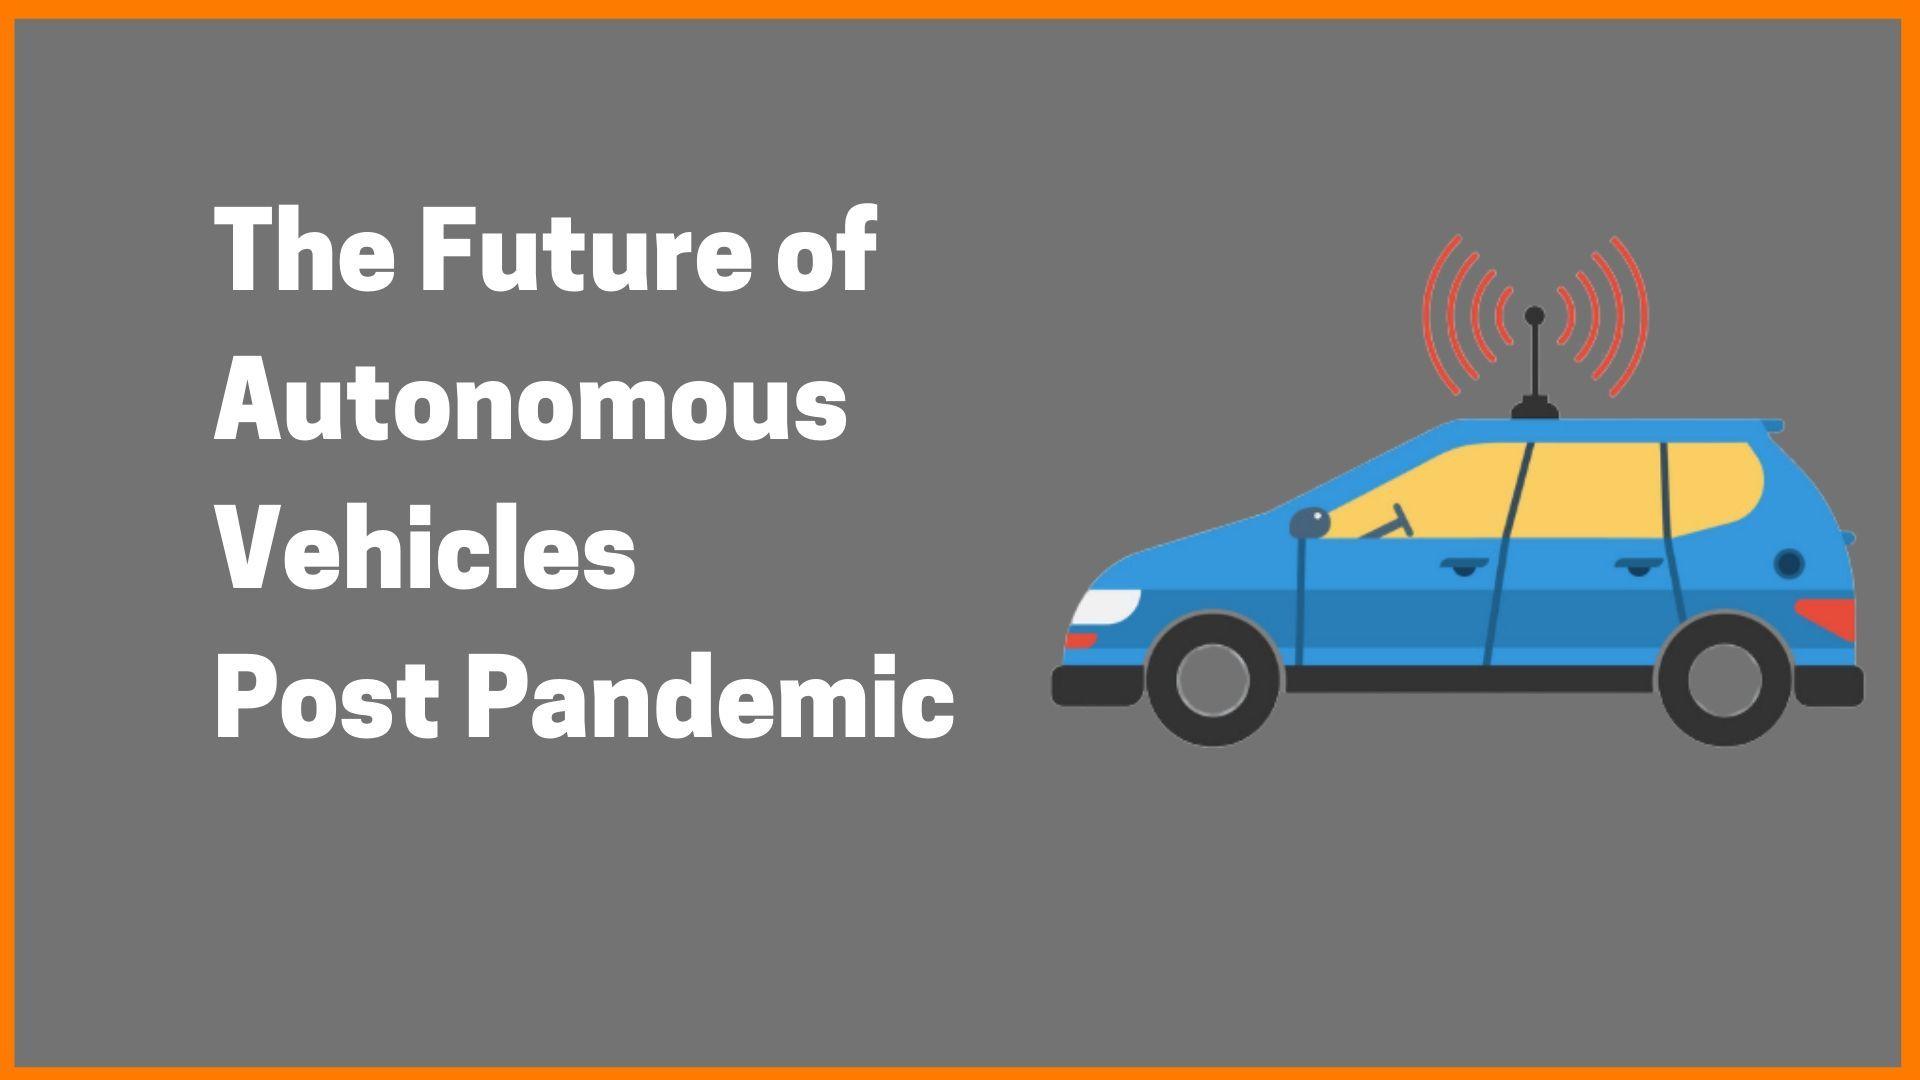 The Future of Autonomous Vehicles Post Pandemic